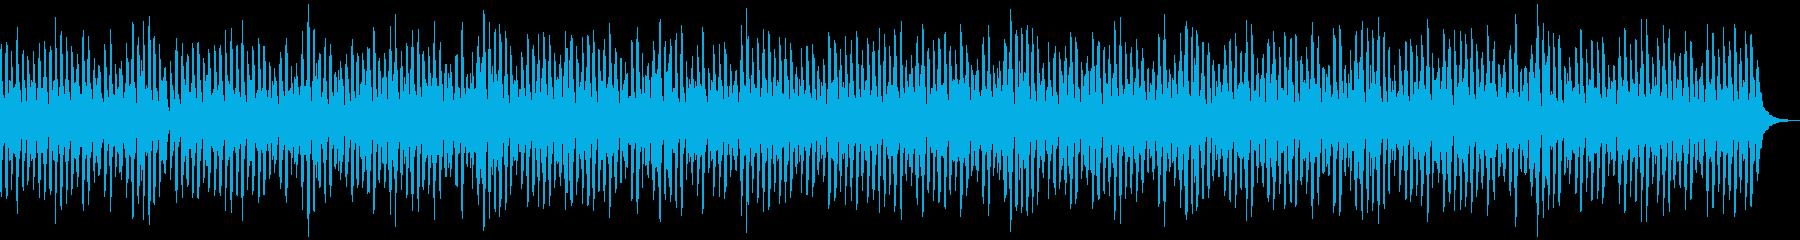 ほっこり・秋・登山・ポップスの再生済みの波形